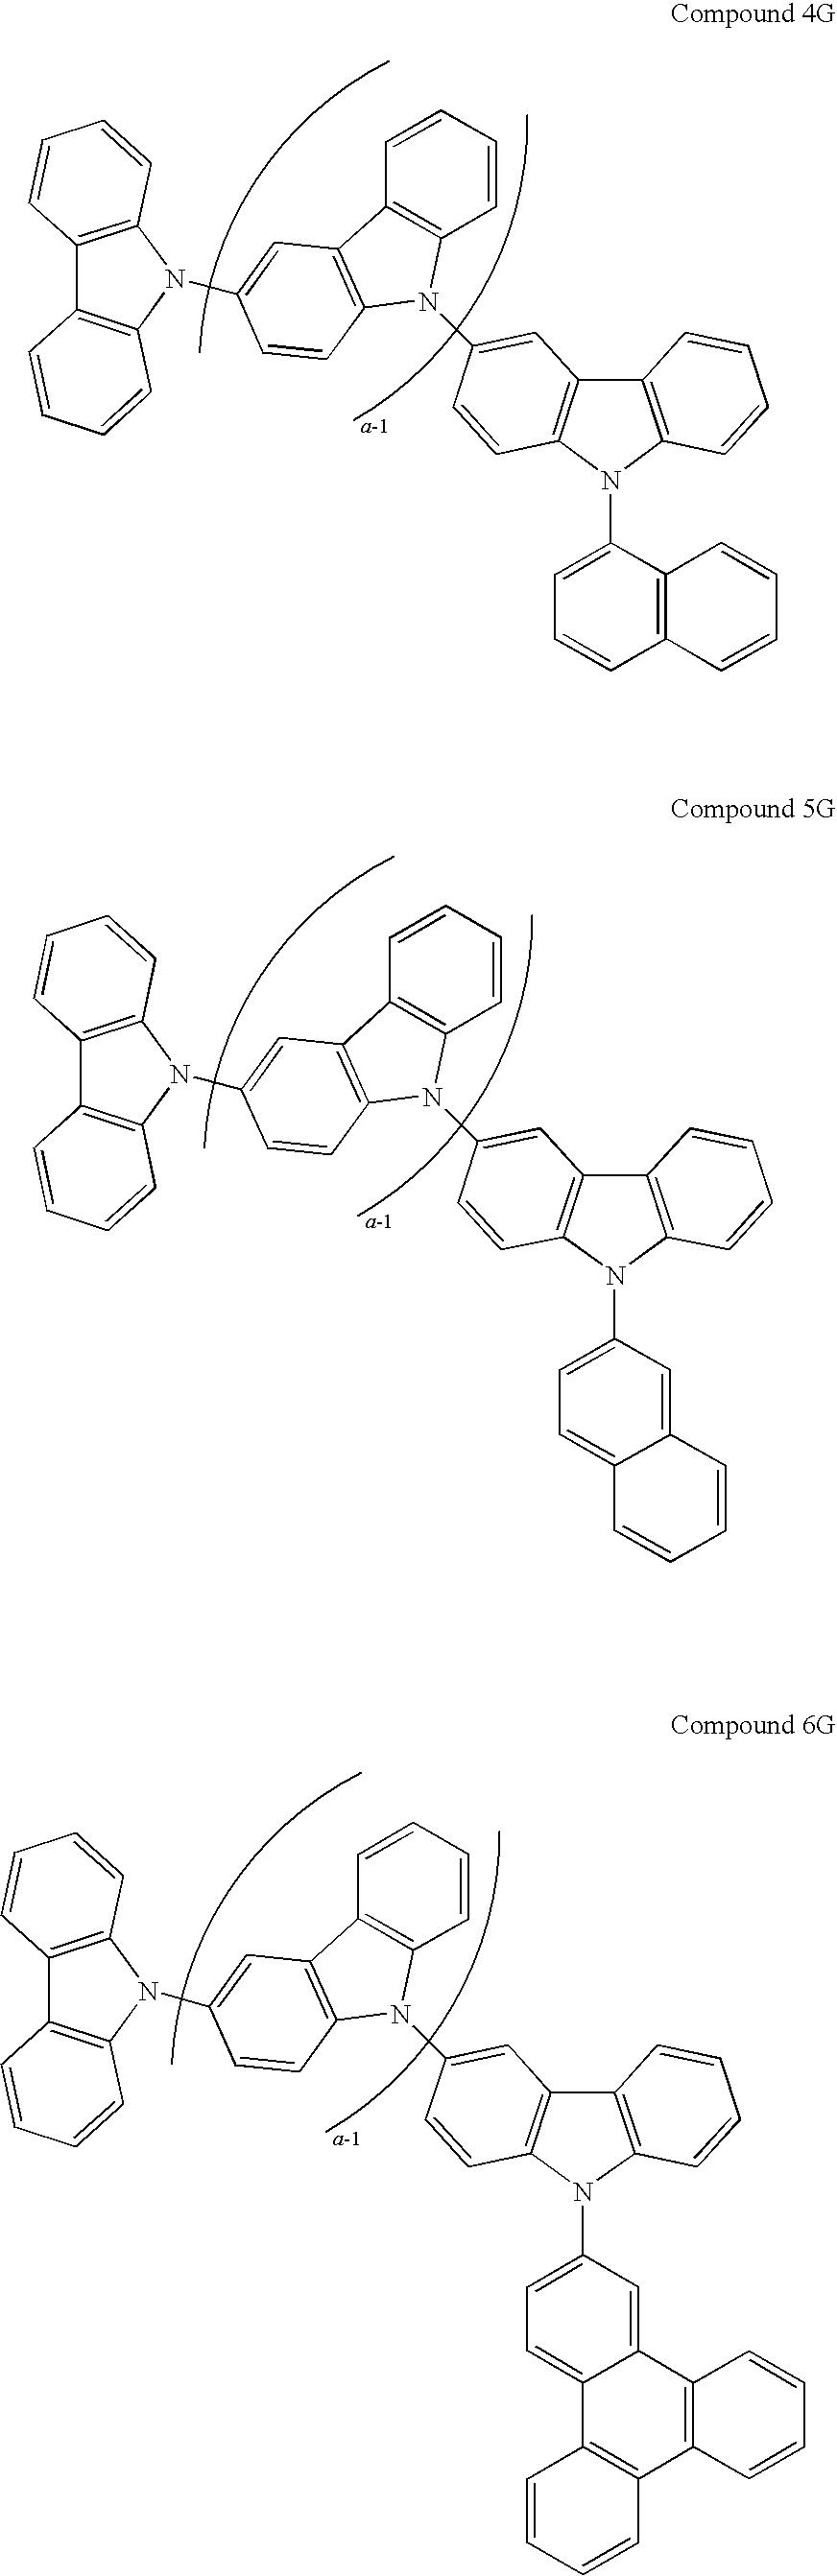 Figure US20090134784A1-20090528-C00005